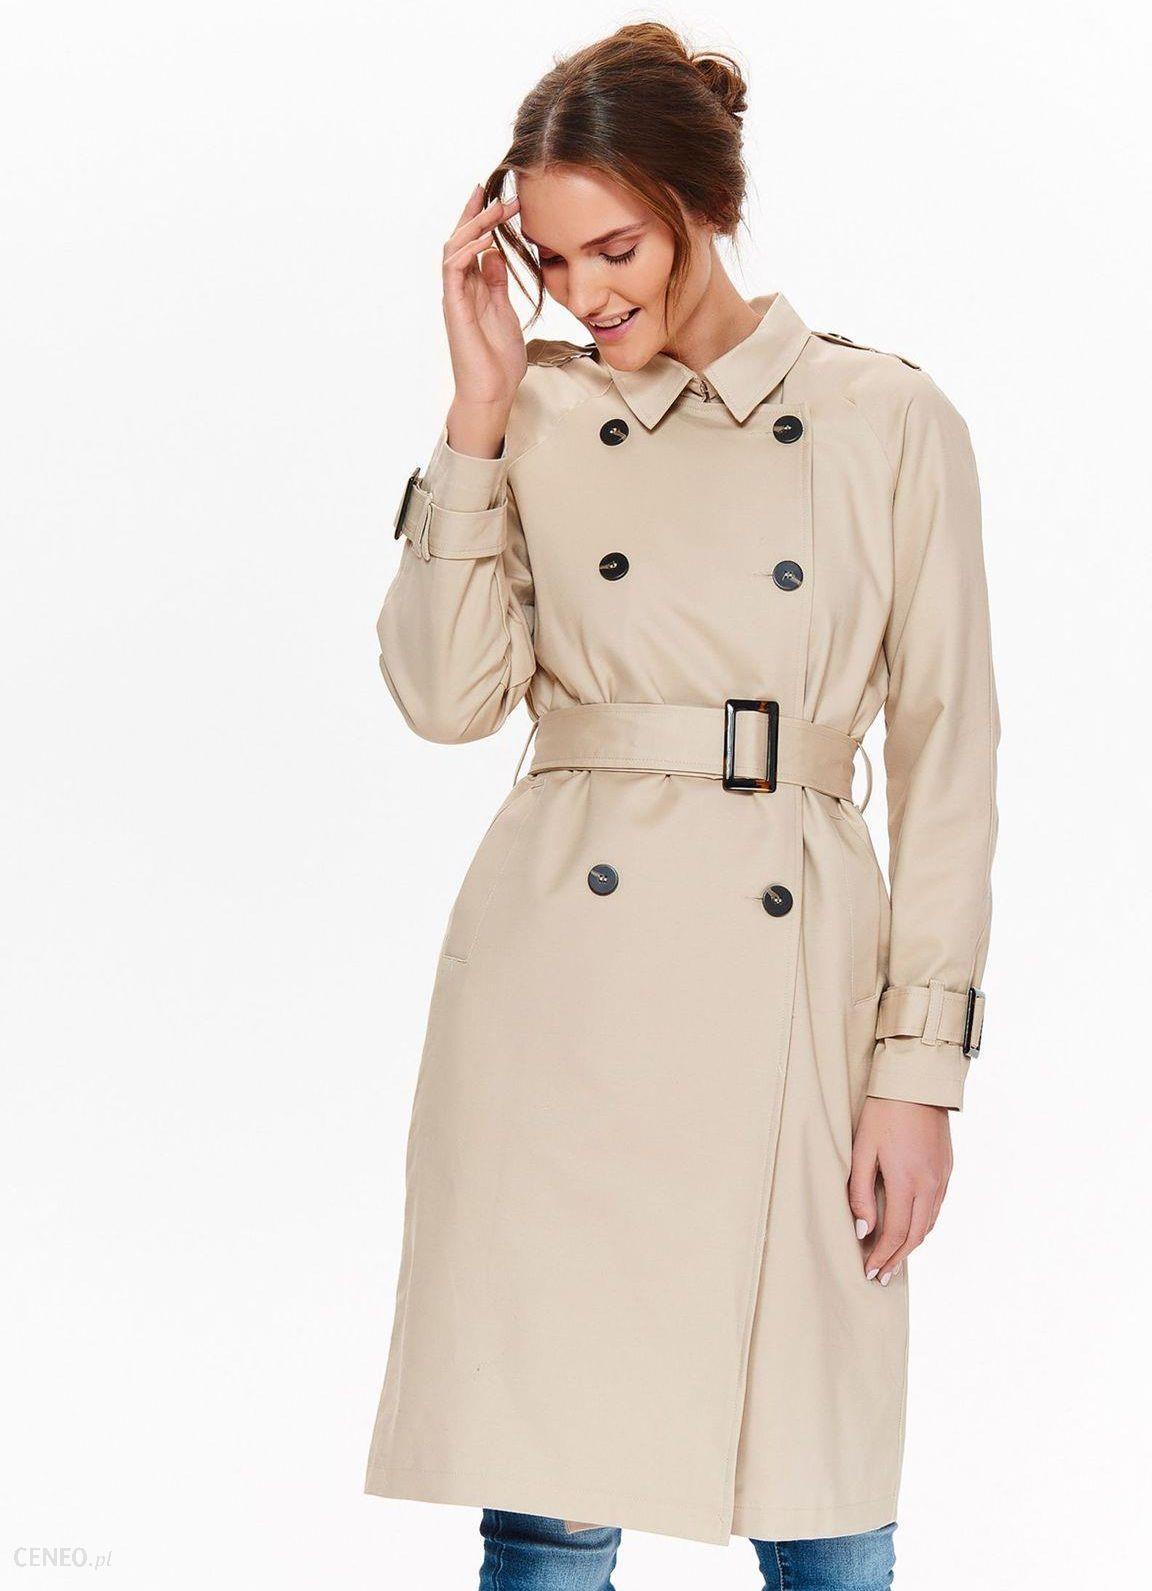 Płaszcz Cotton Club S w Płaszcze damskie Modne płaszcze